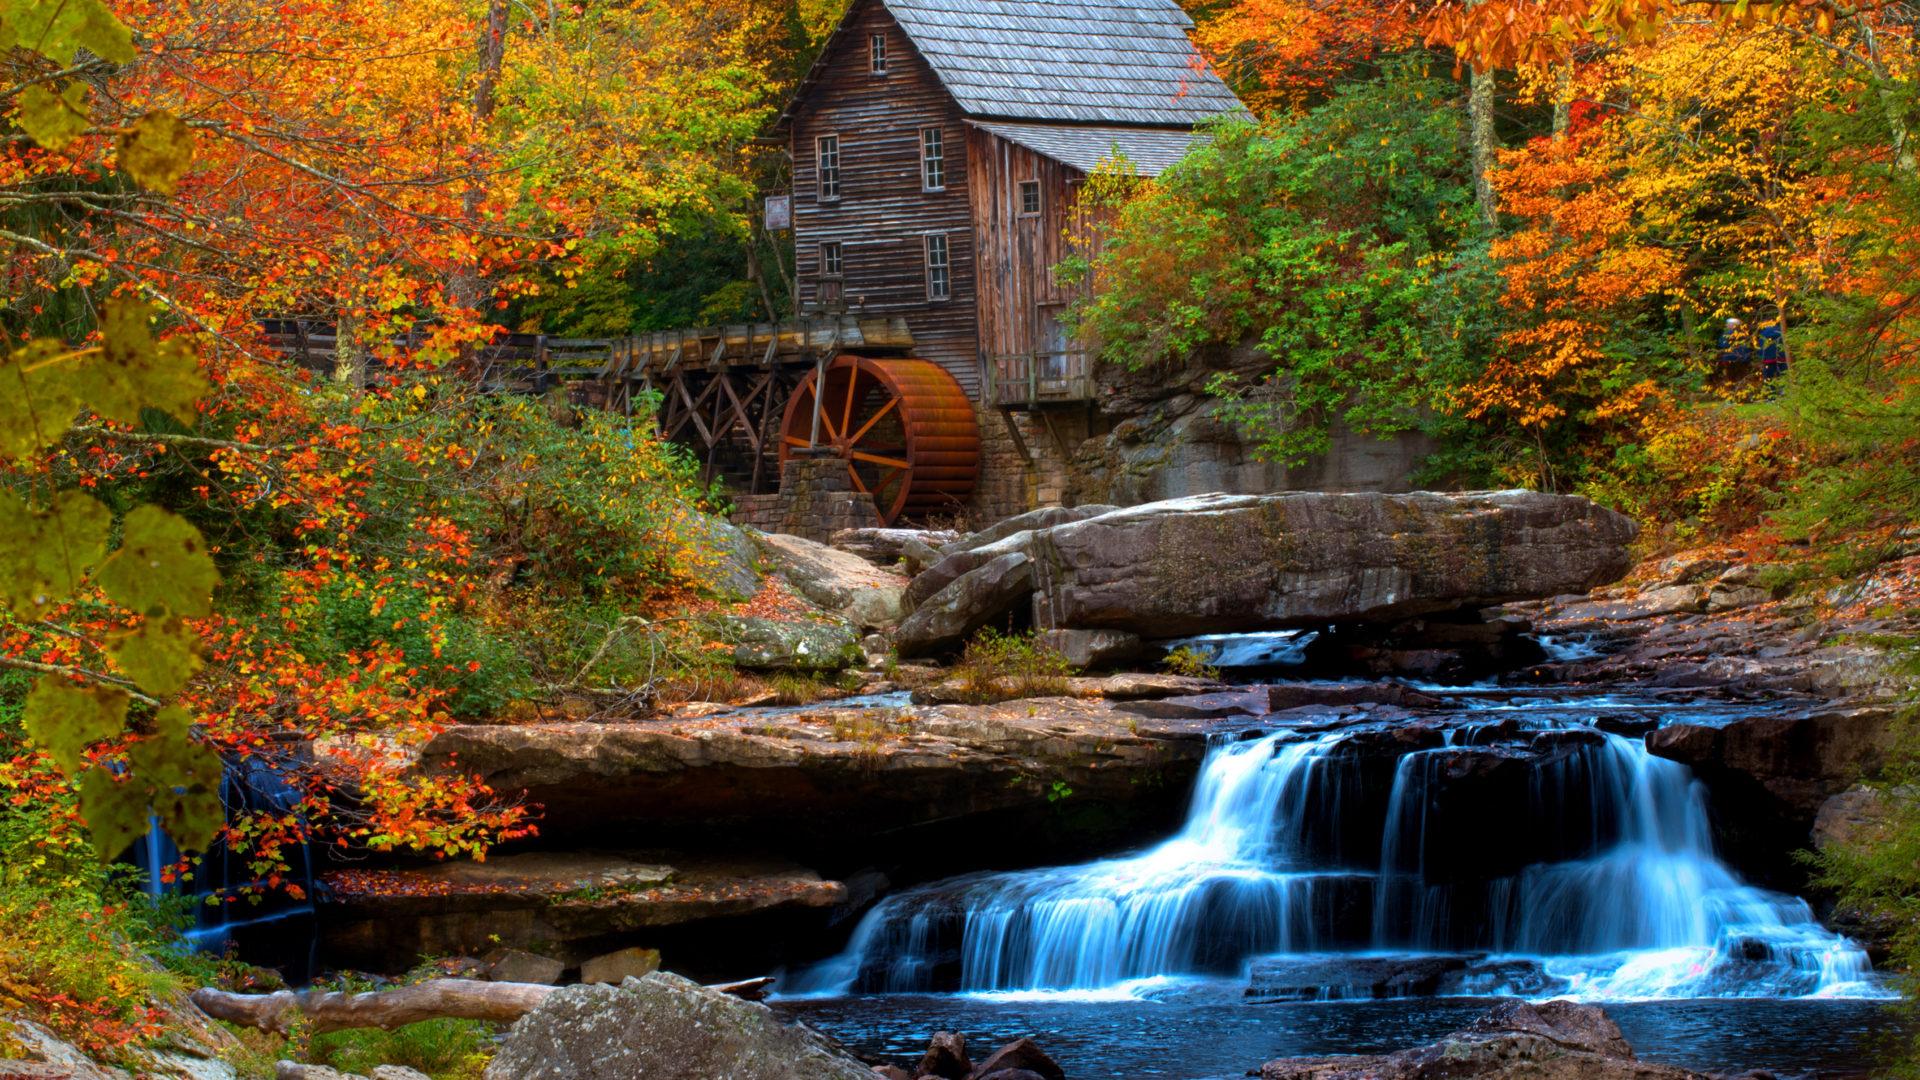 Colorado Fall Desktop Wallpaper Old Wooden Mill Water Flow Rock Waterfall Hd Wallpaper For